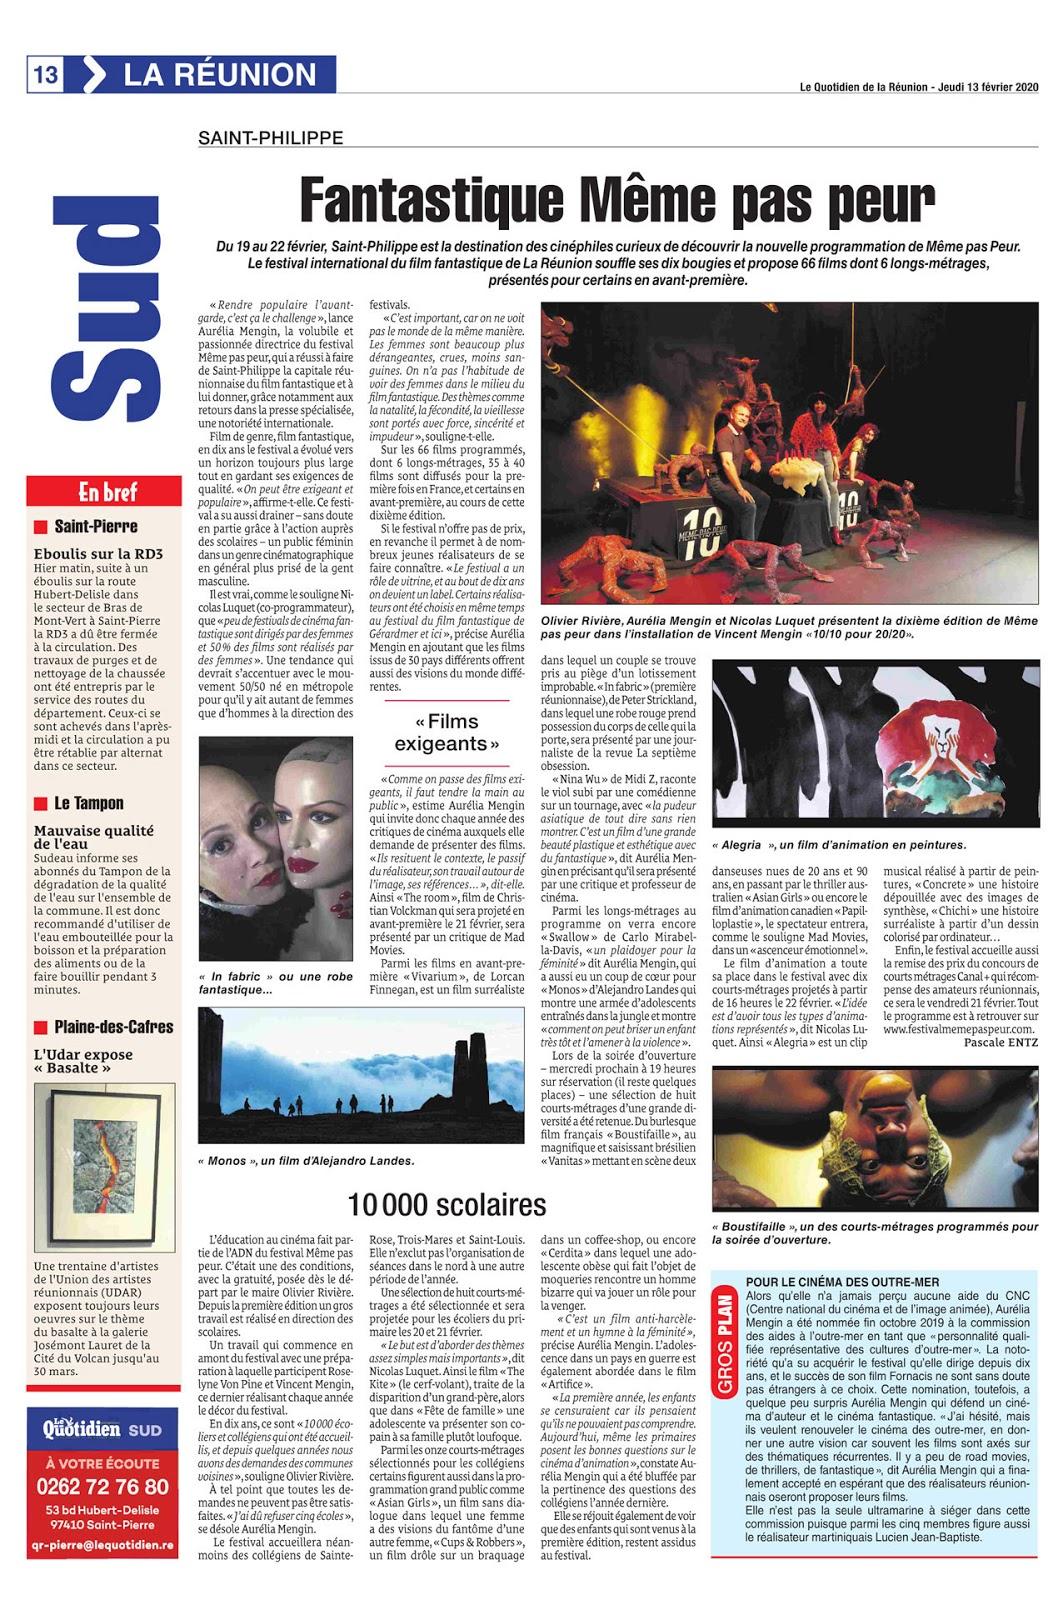 La 10ème édition du Festival MEME PAS PEUR dans Le Quotidien de La Réunion